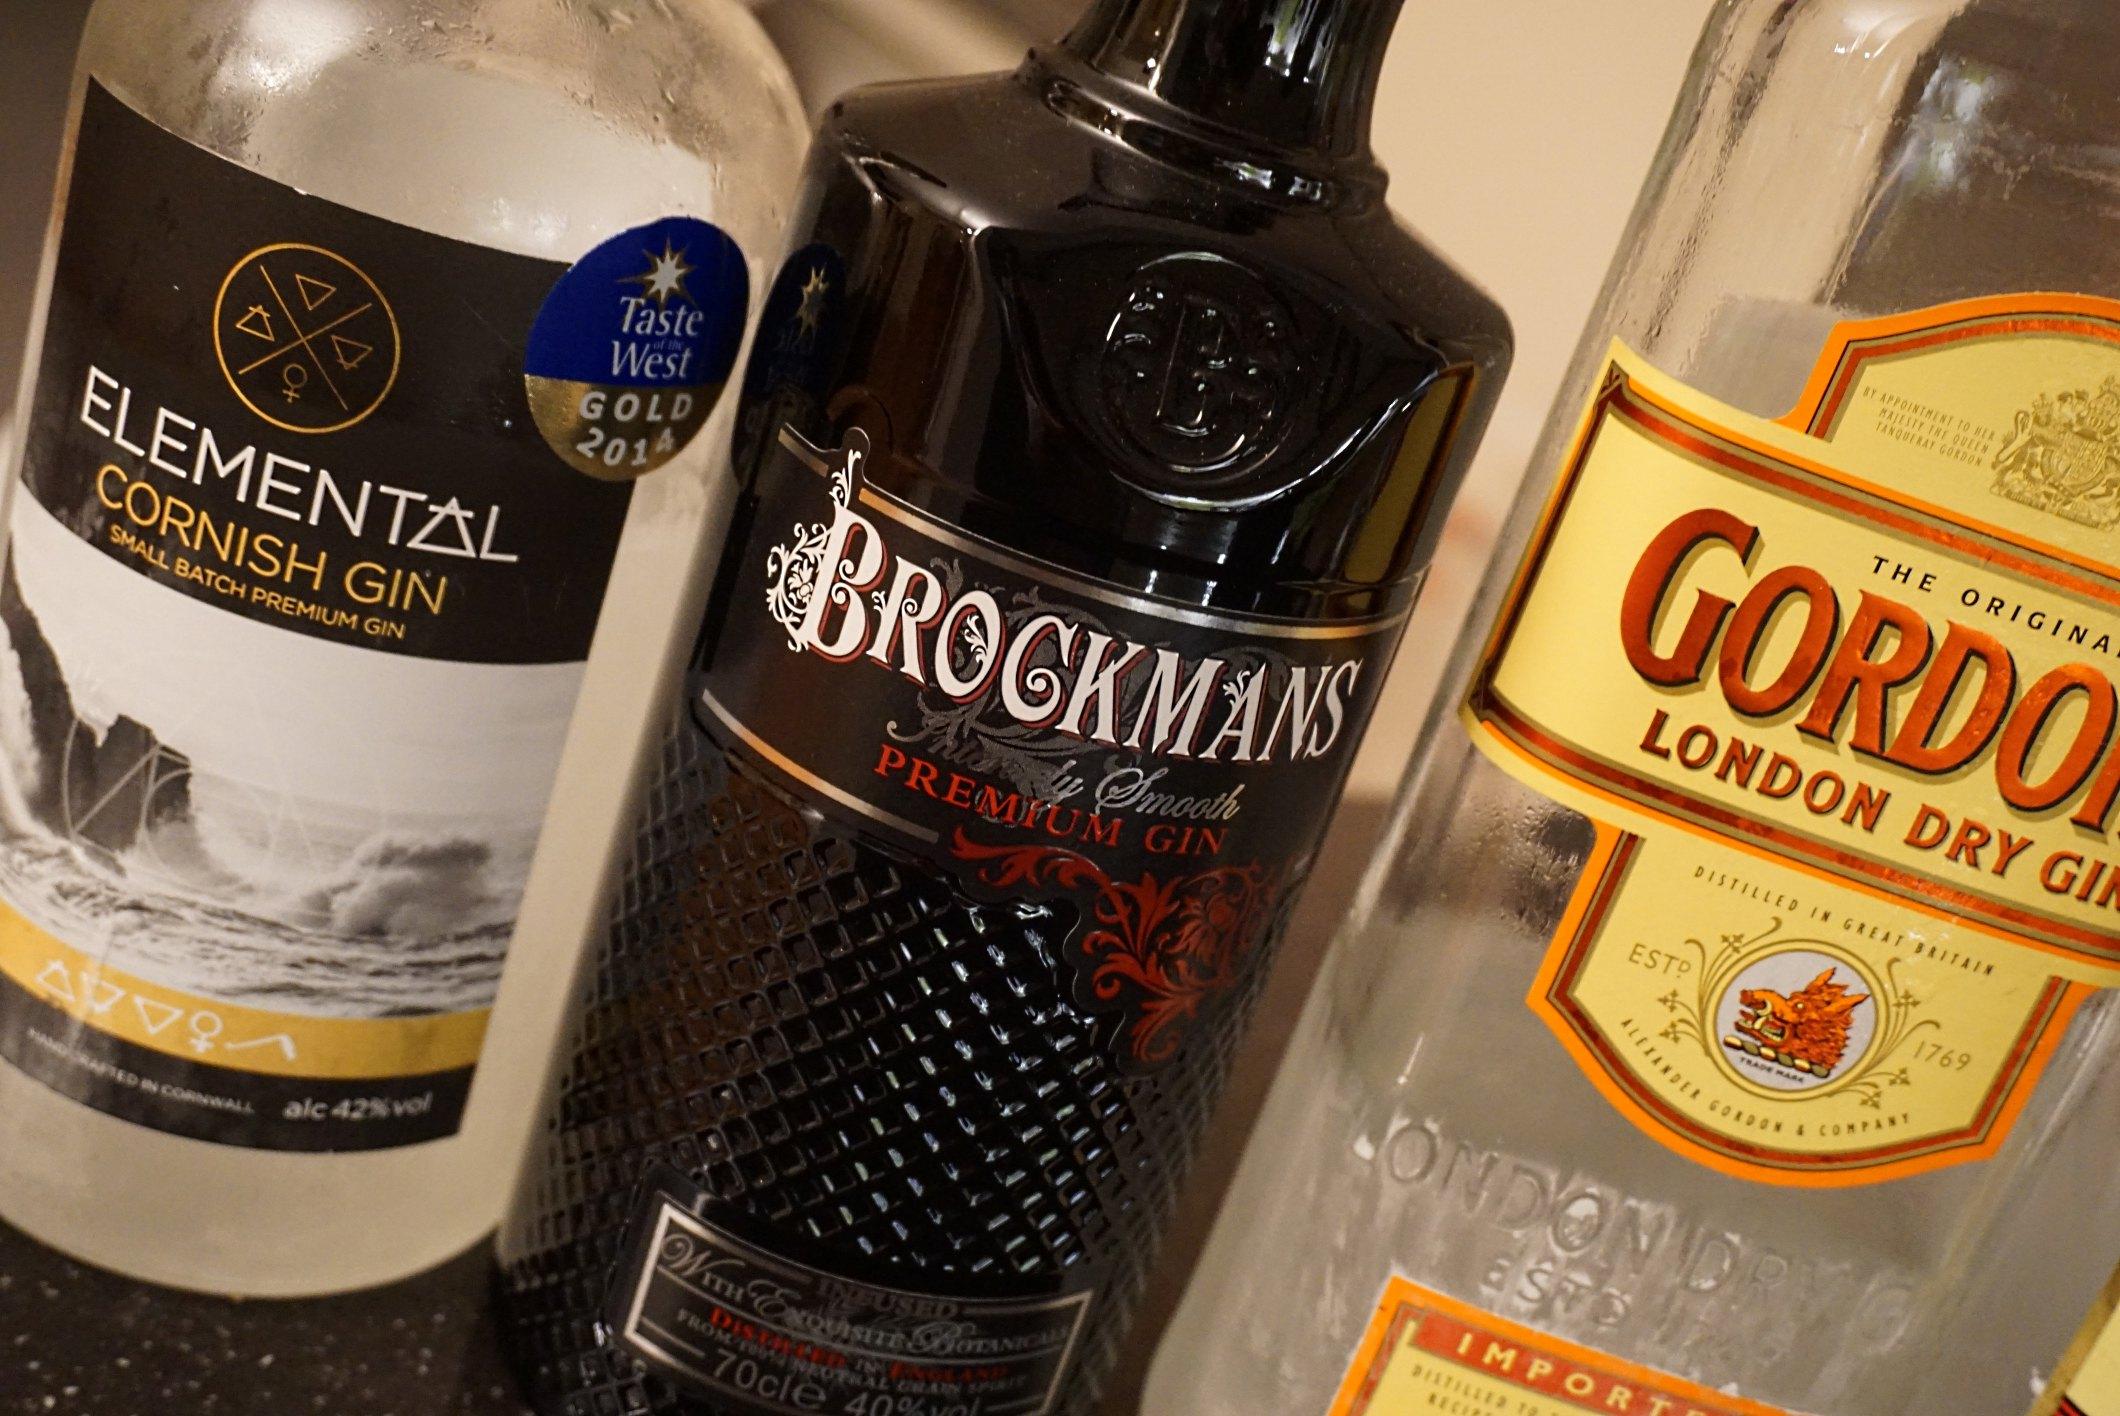 two artisan gins plus Gordon's dry